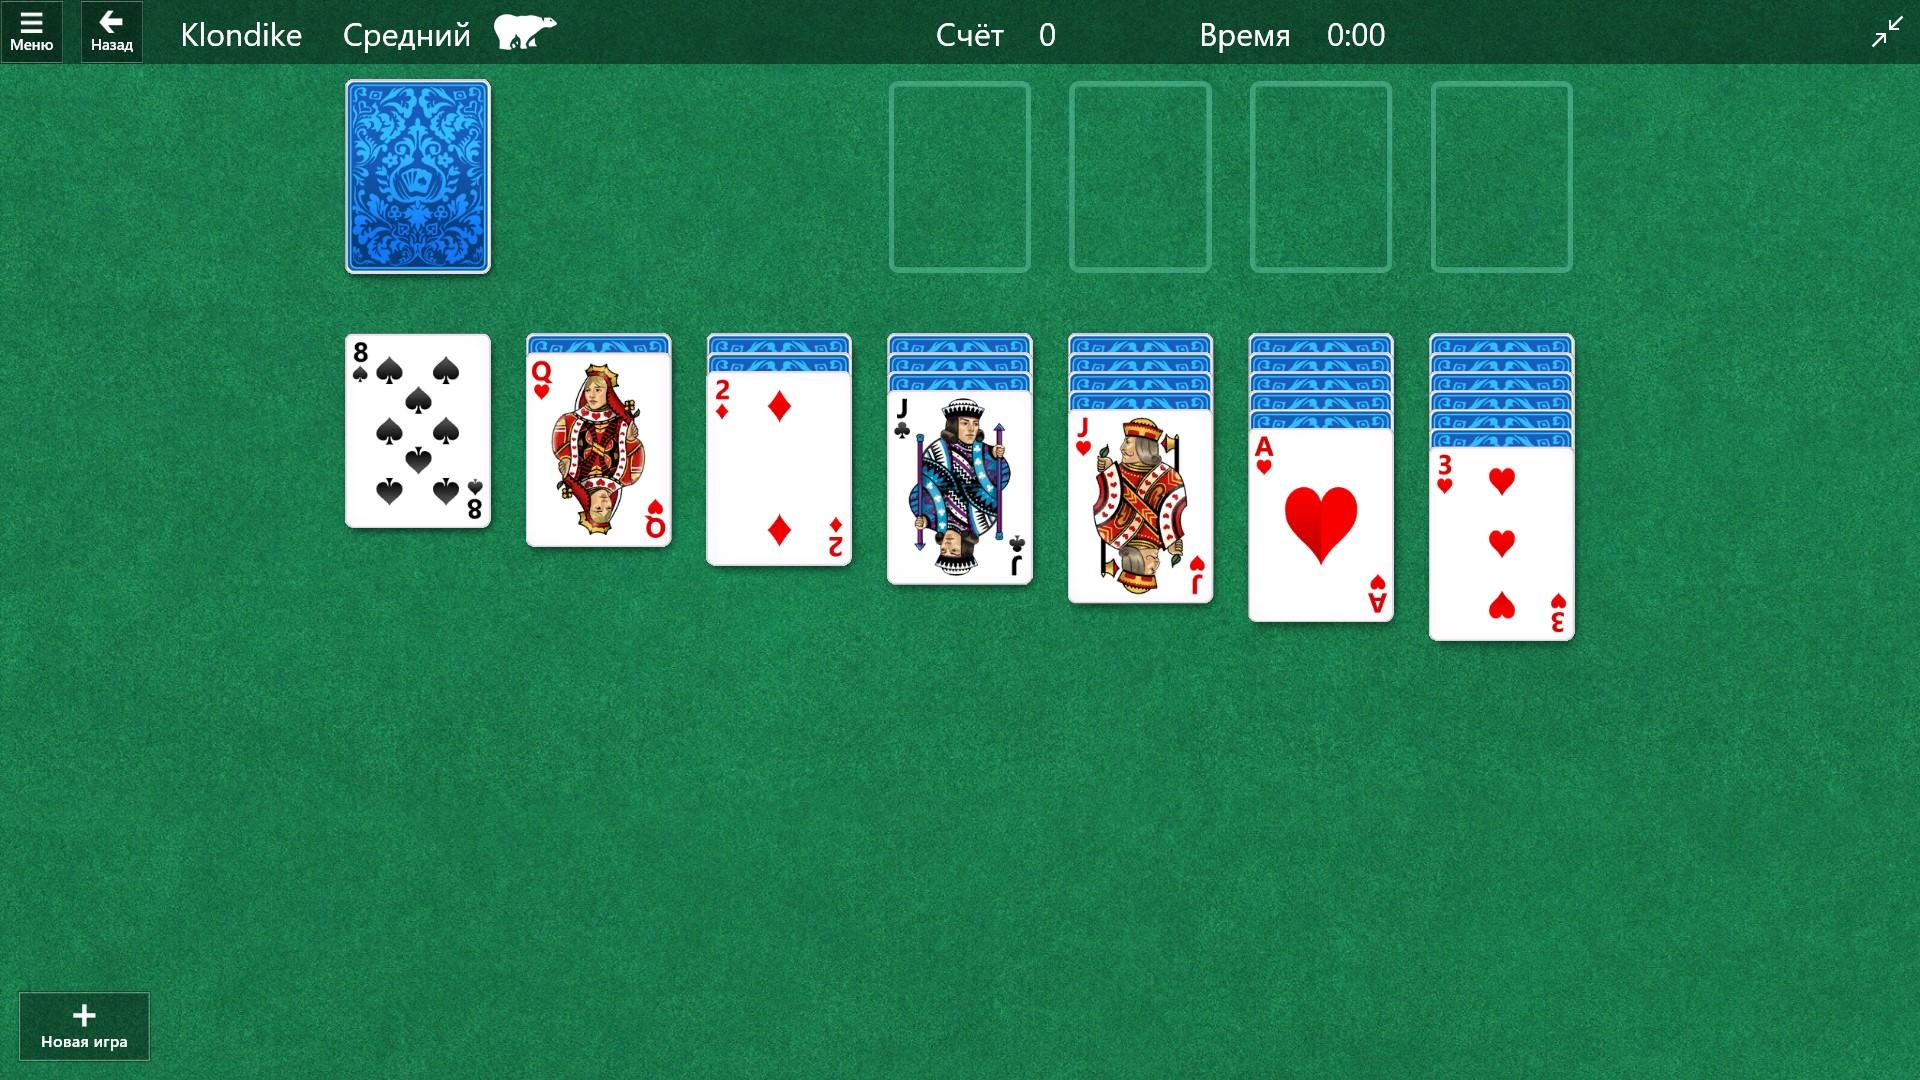 pasziánsz klasszikus játék 1 kártyával ingyenes   koolsol